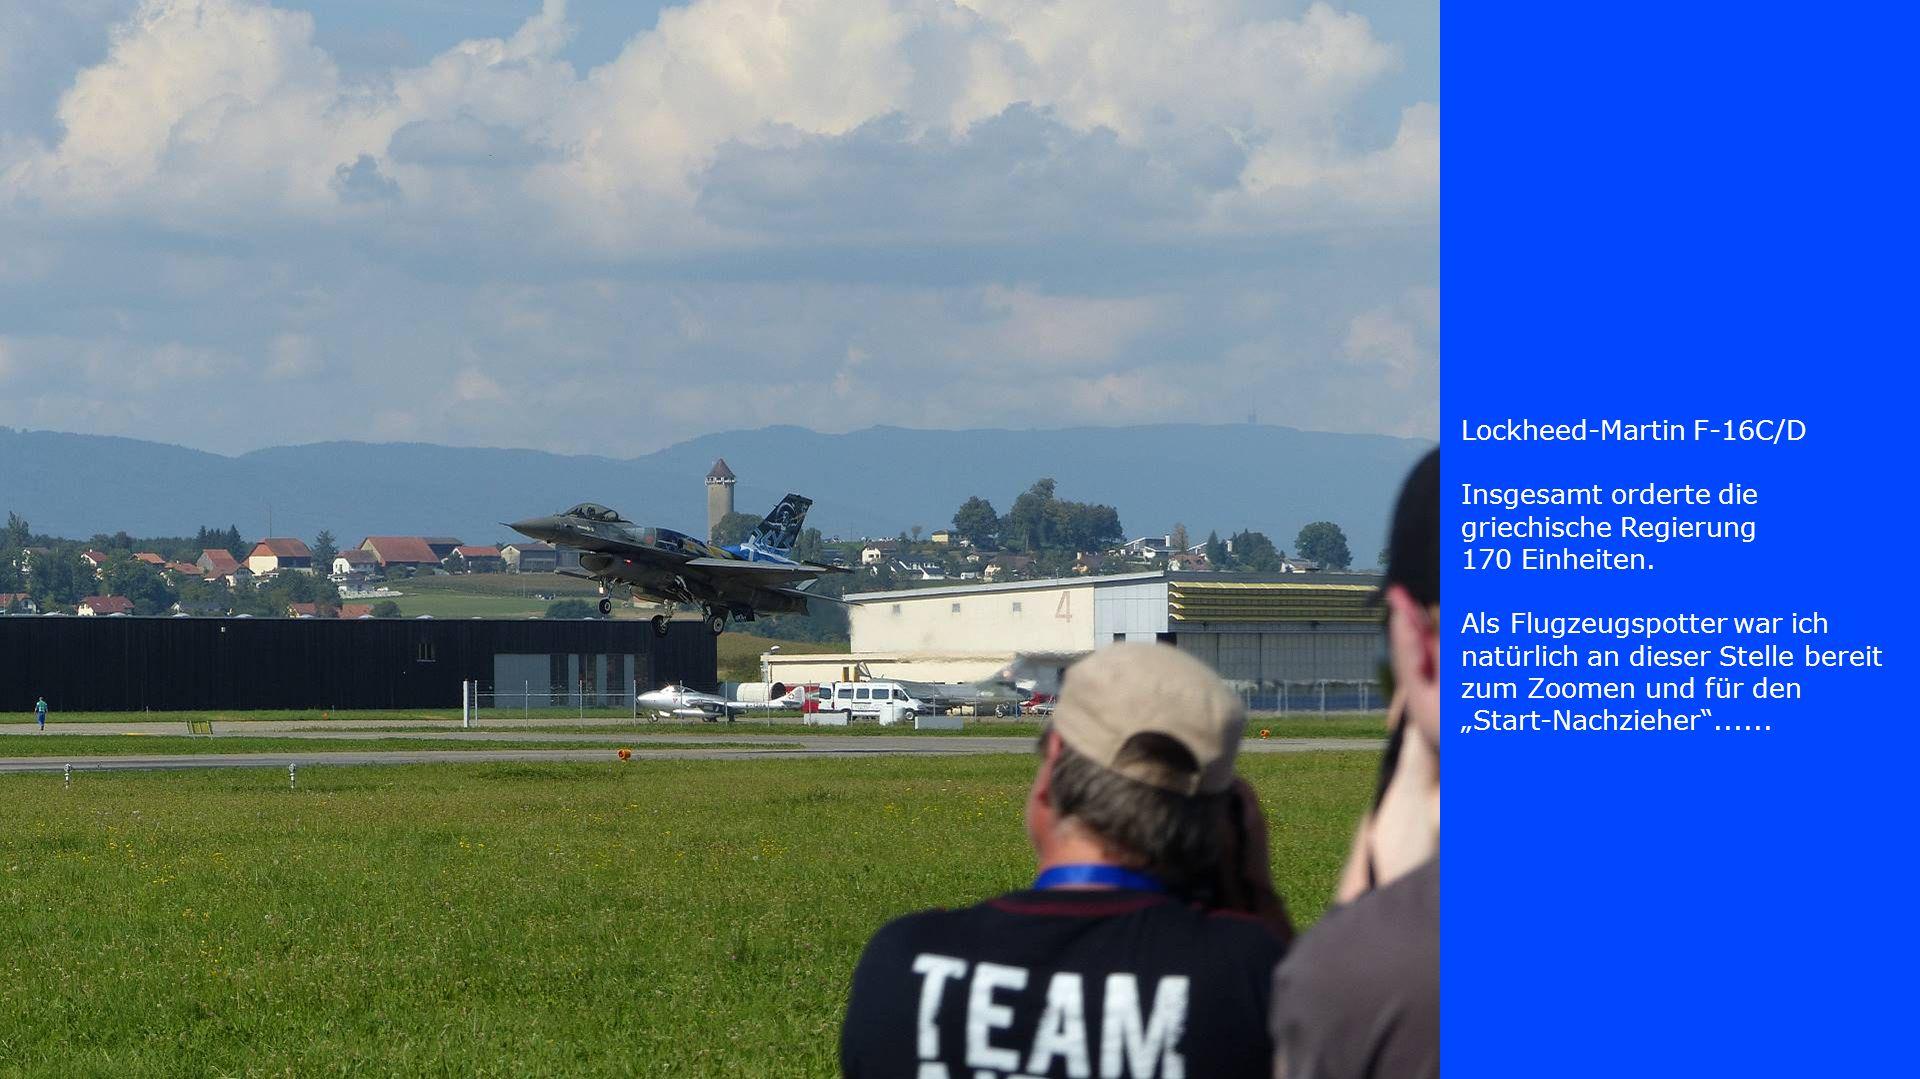 Lockheed-Martin F-16C/D Insgesamt orderte die griechische Regierung 170 Einheiten.